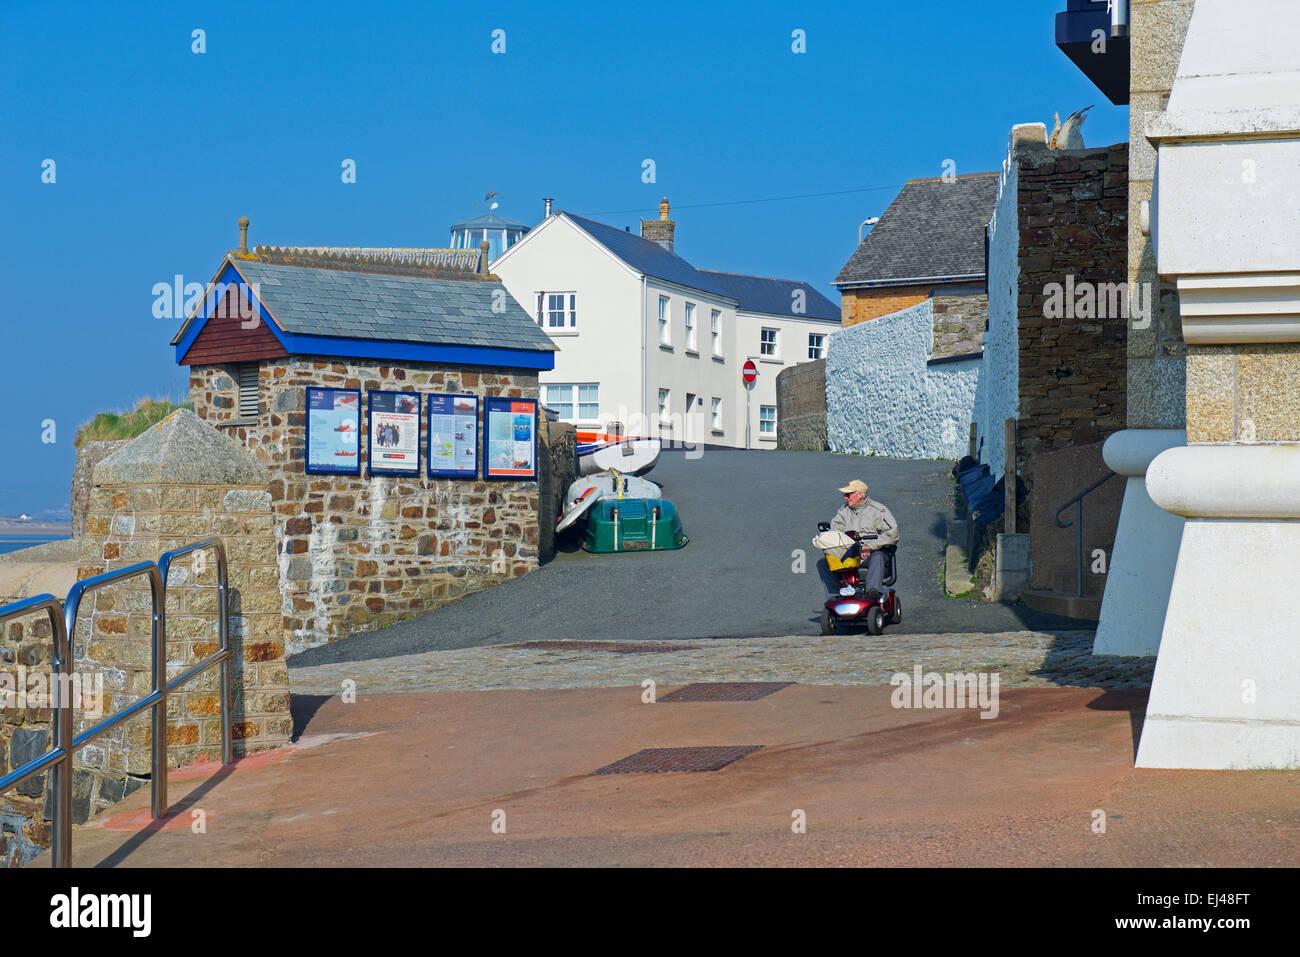 Senior uomo sulla mobilità scooter, Appledore, Devon, Inghilterra, Regno Unito Immagini Stock